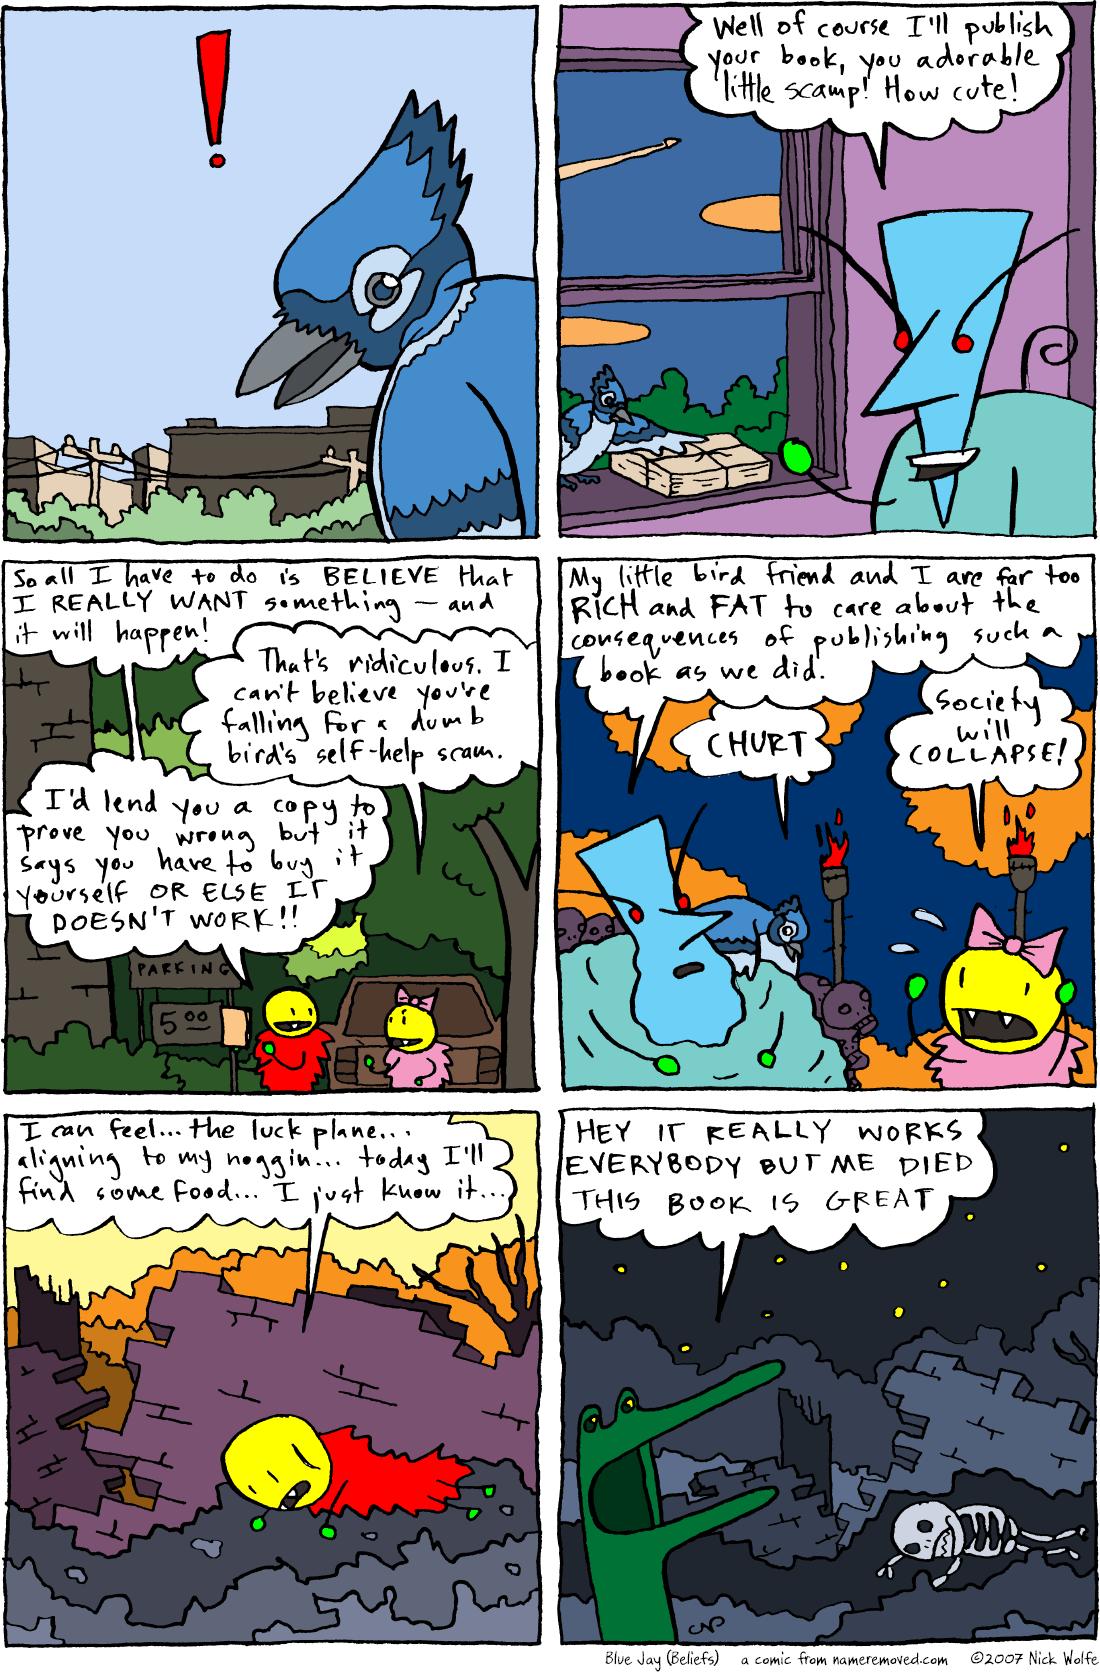 Blue Jay (Beliefs)